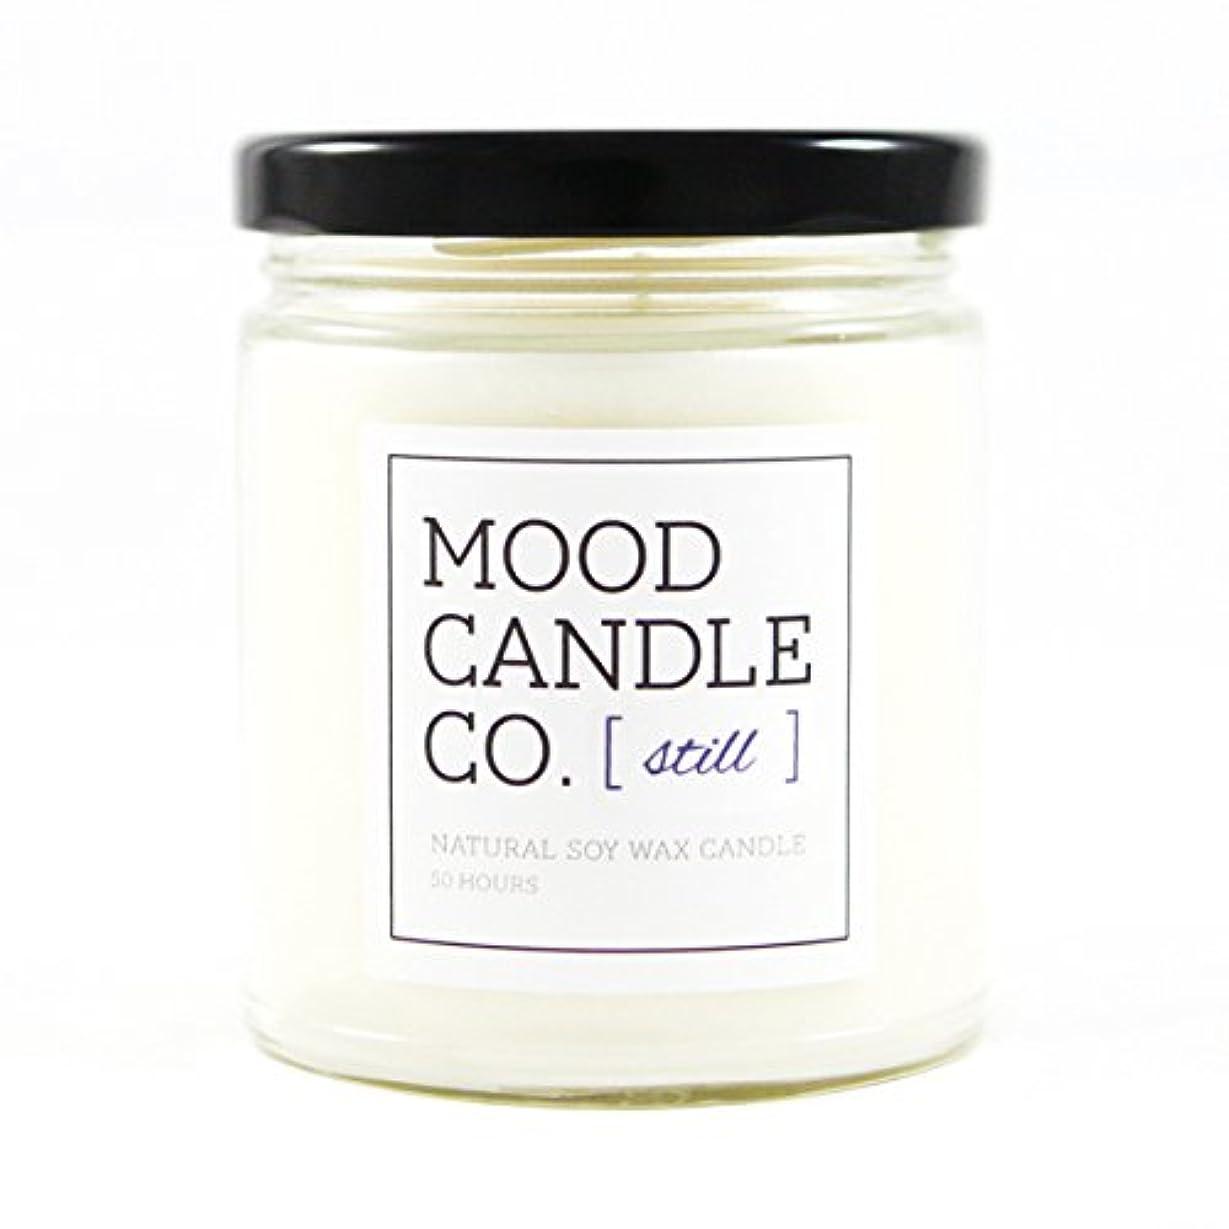 受粉する戸惑う効率的に自然Soy Candle、50時間、Great for Aromatherapy、ヨガ、瞑想、非毒性、by Mood Candle Co。 50 HOURS ホワイト